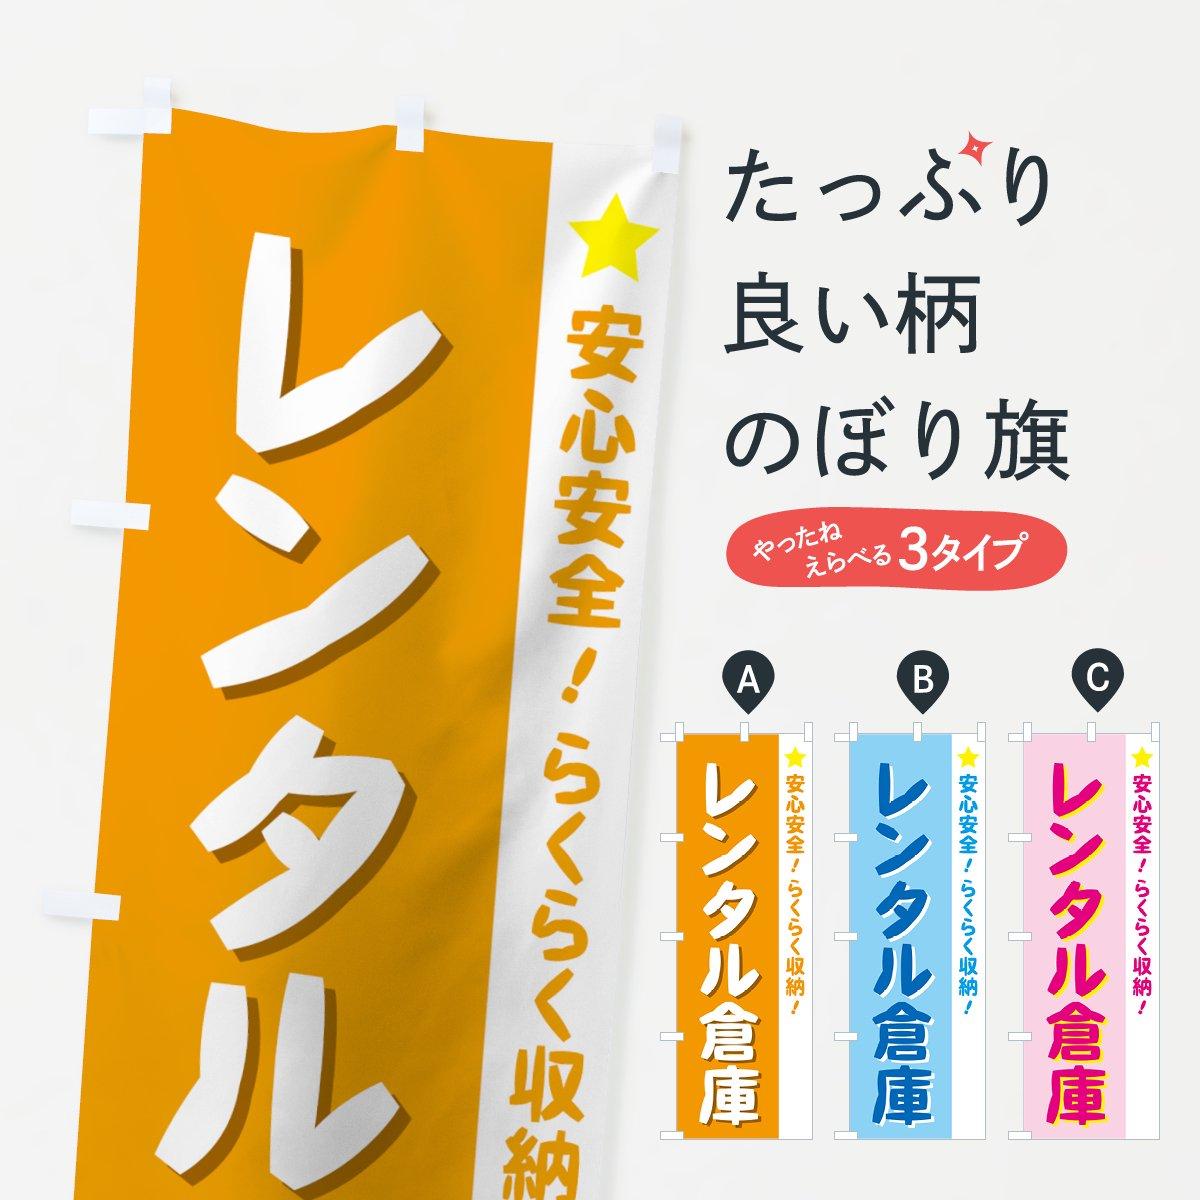 レンタル倉庫のぼり旗【賃貸】[不動産屋]